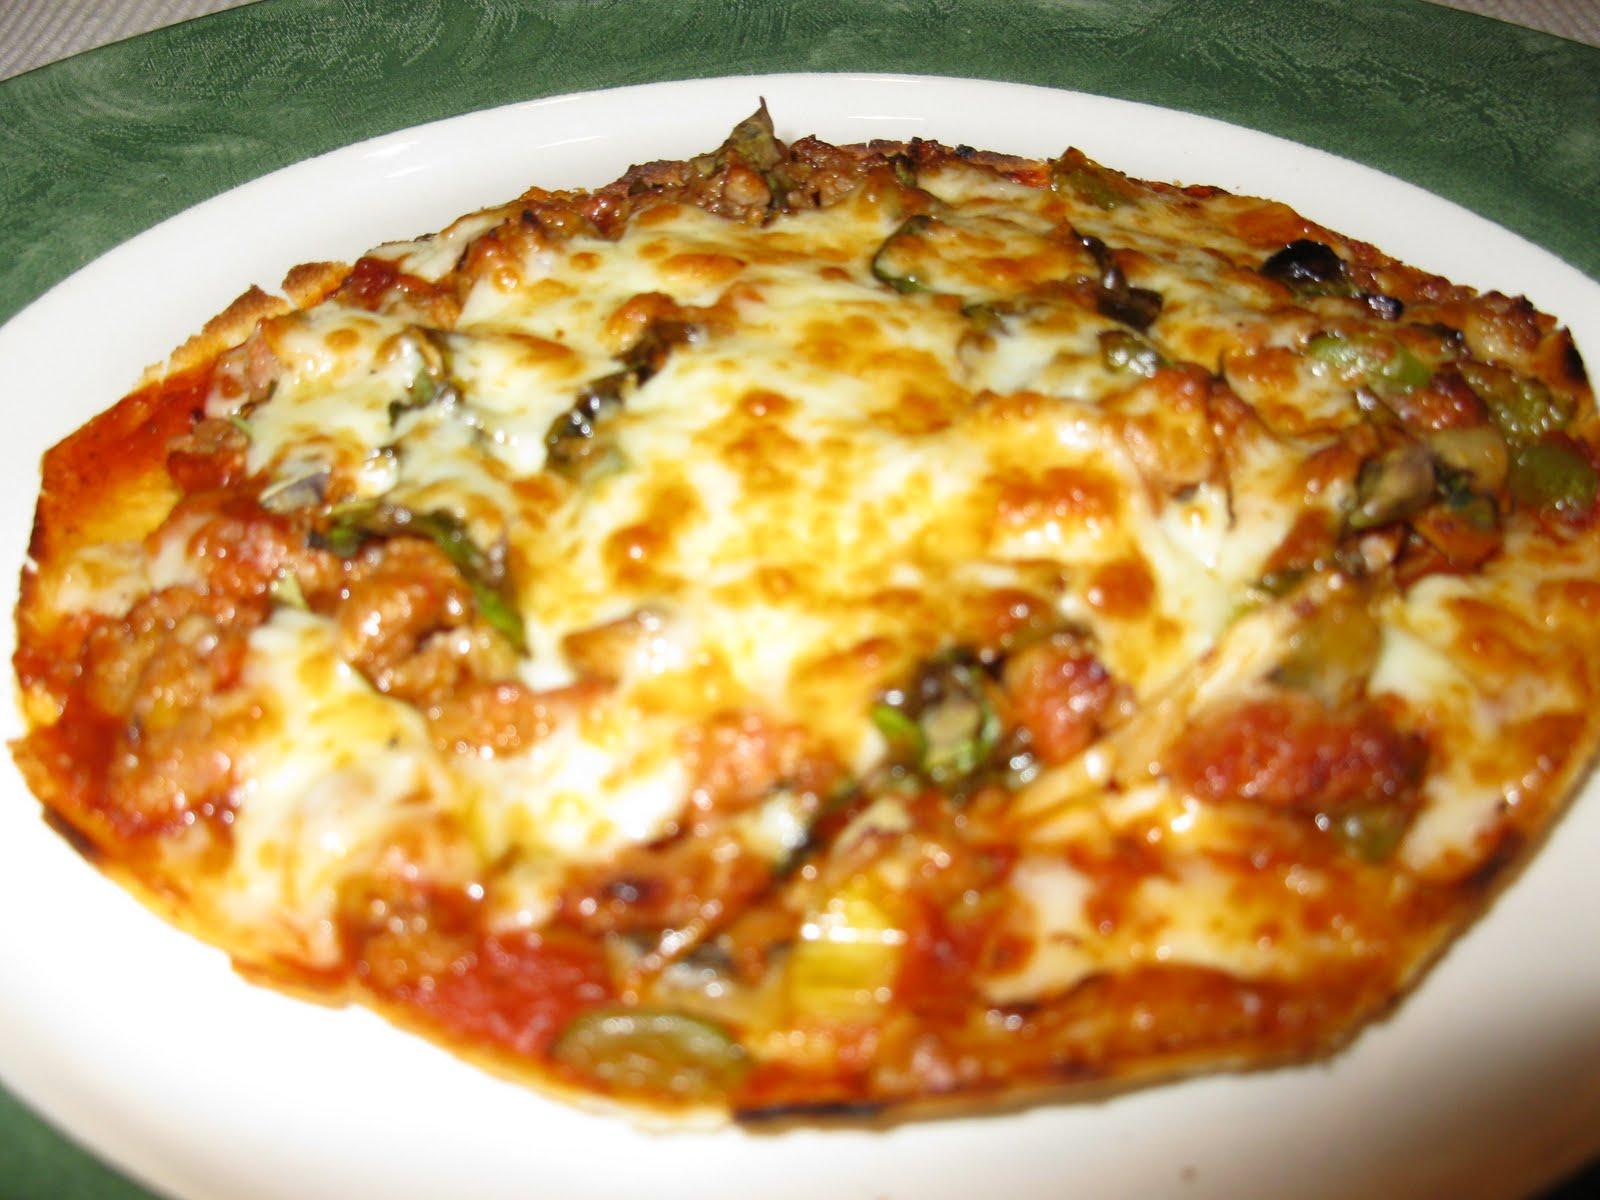 ma cuisine sans pr tention bouch es de pizza la saucisse italienne. Black Bedroom Furniture Sets. Home Design Ideas